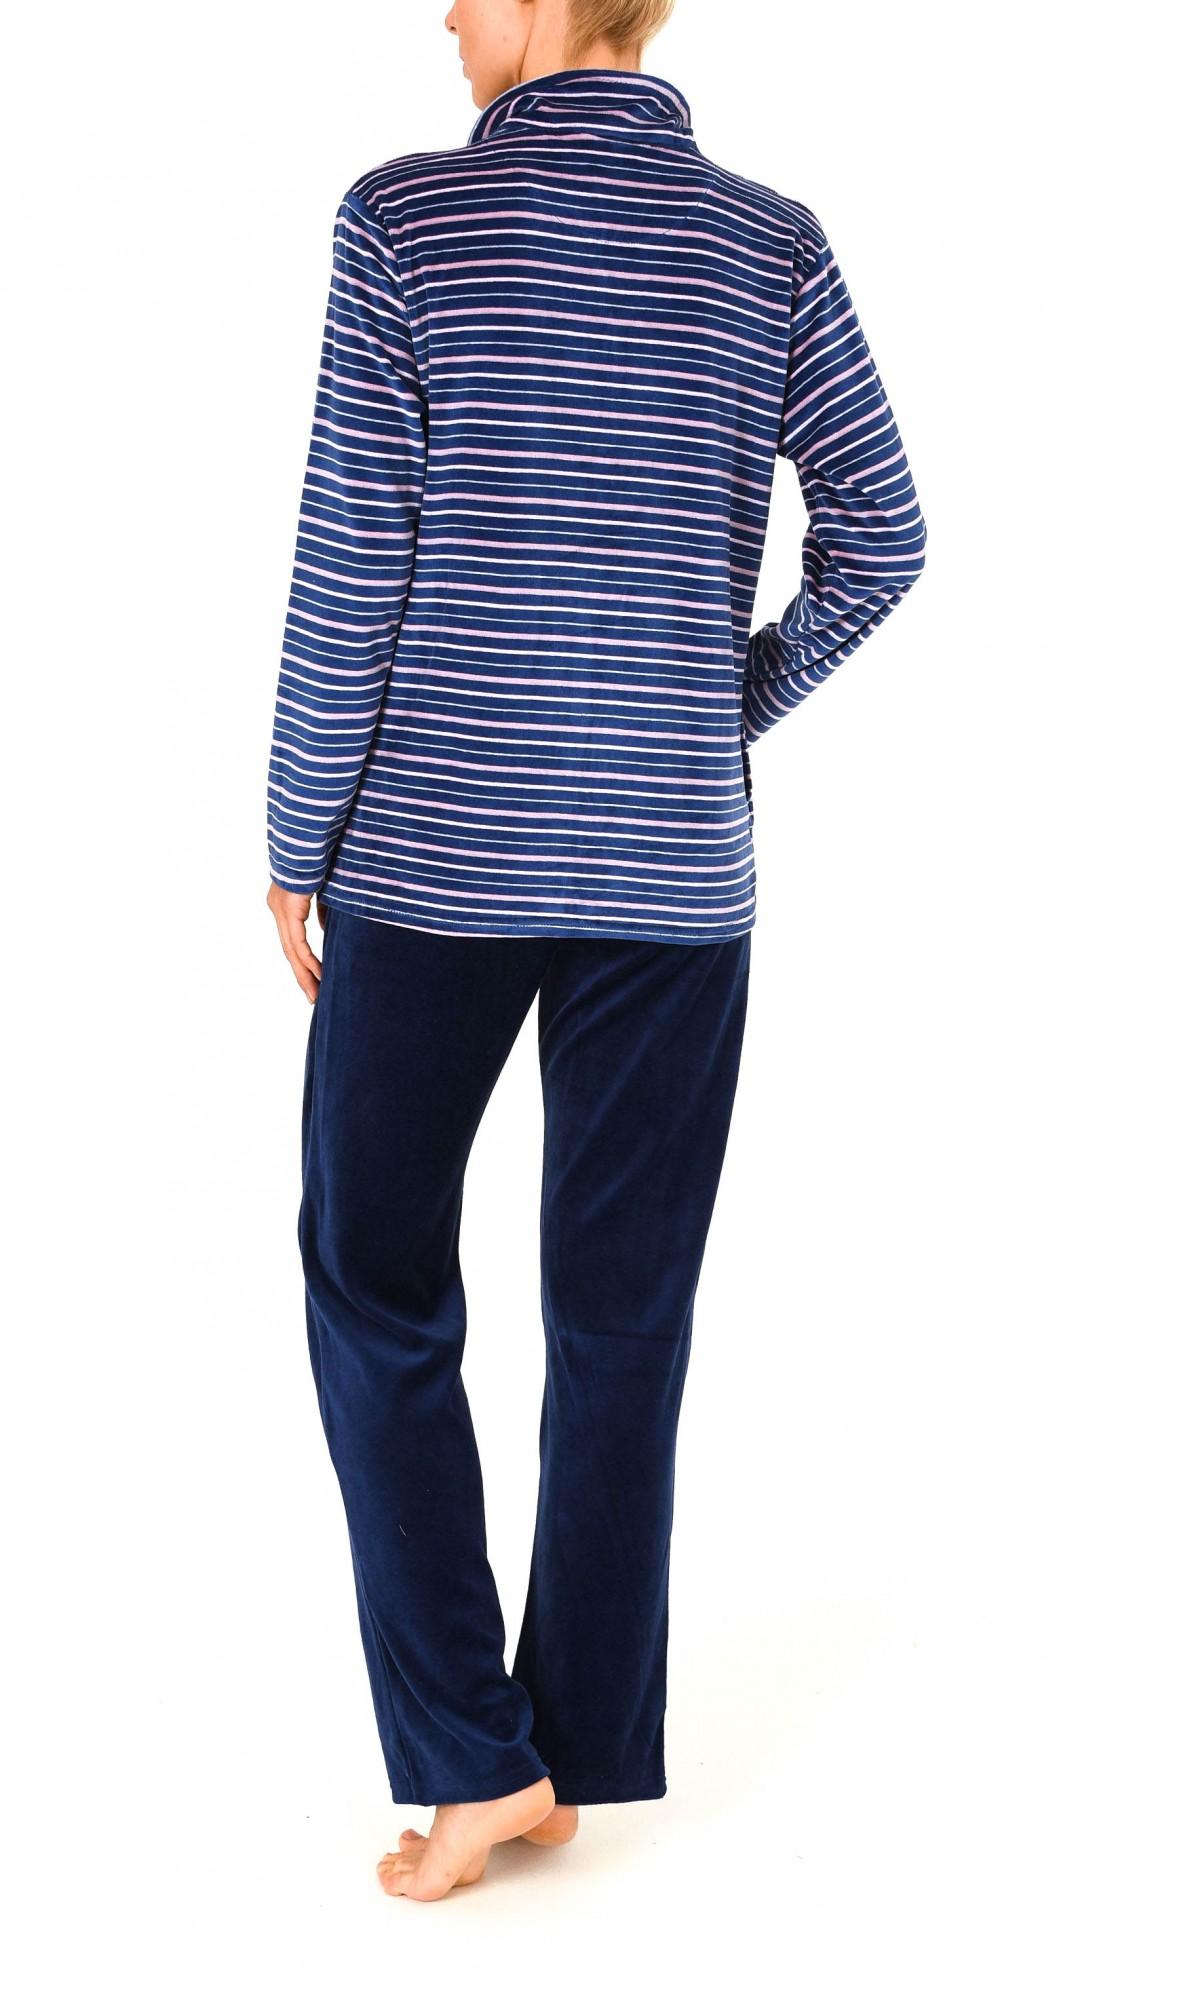 Damen Hausanzug  Homewear Nicky Velvet - 57675 – Bild 5